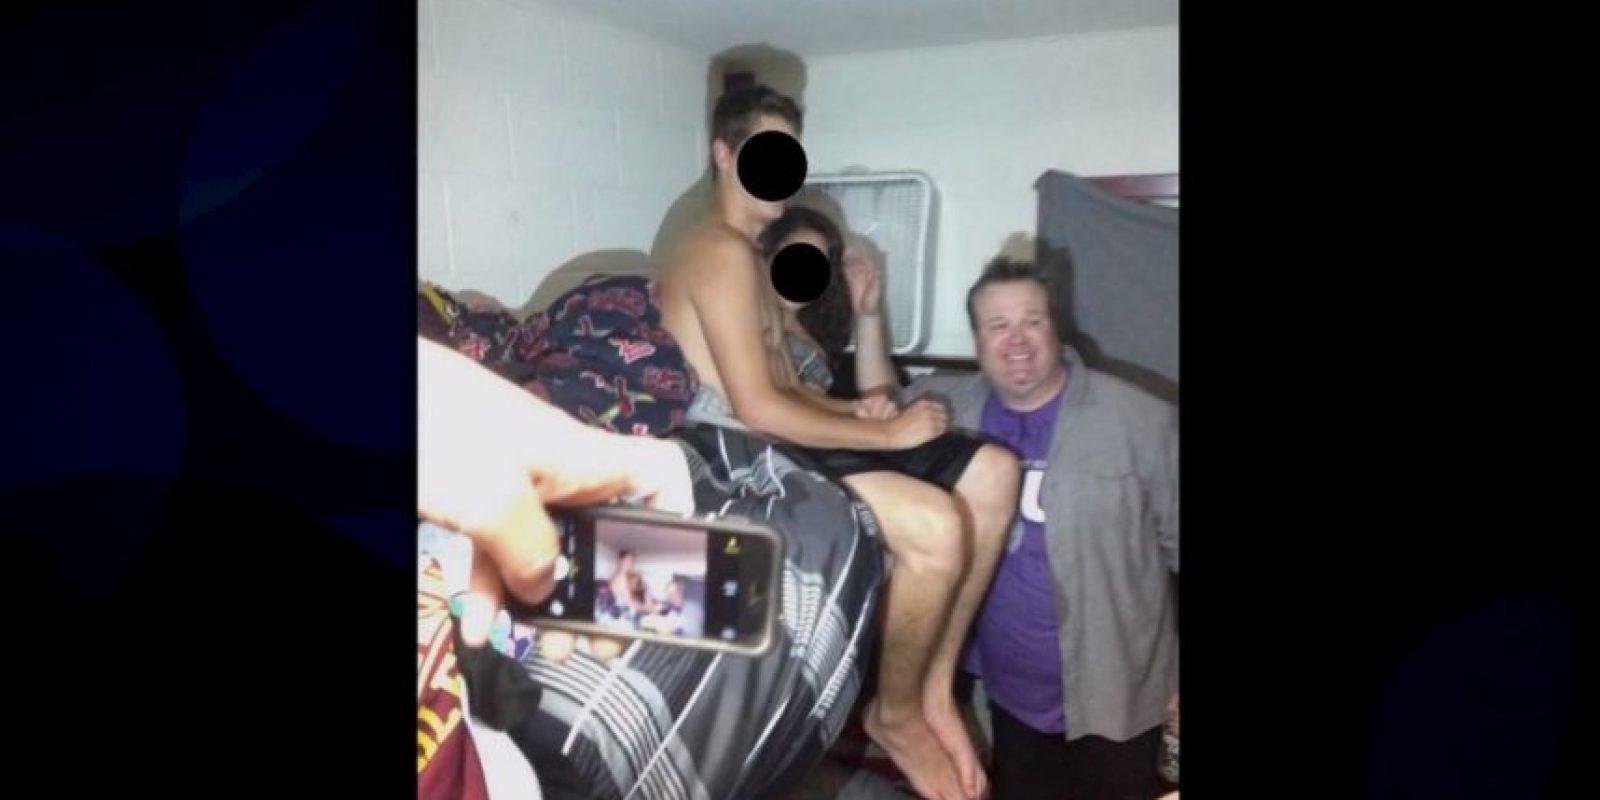 También esperaron a que la mujer se vistiera y volvieron a tomarse fotos con ella, pero esas fotos no las publicaron Foto:TeamCoco vía Youtube